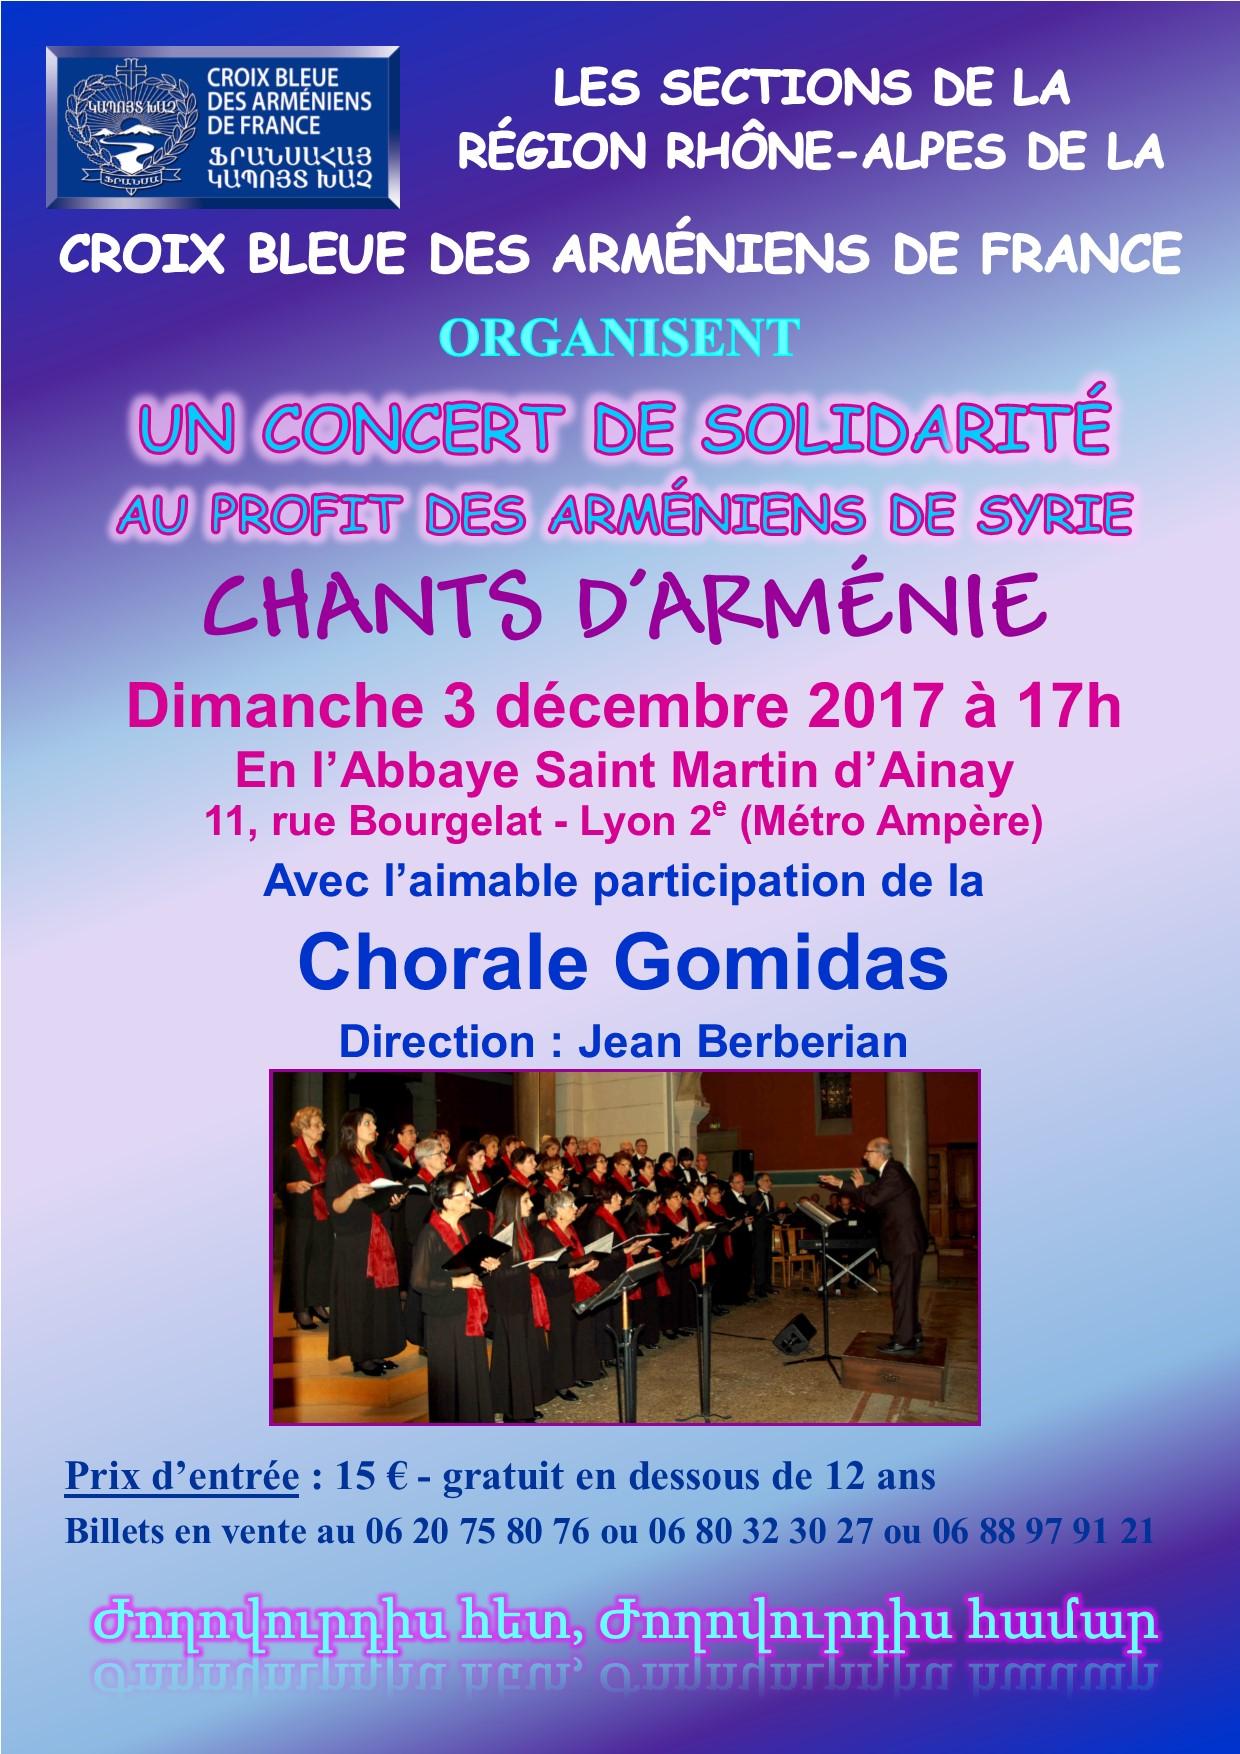 Concert dimanche 3 décembre 2017 à 17h à l'Abbaye d'Ainay 11 Rue Bourgelat, 69002 Lyon